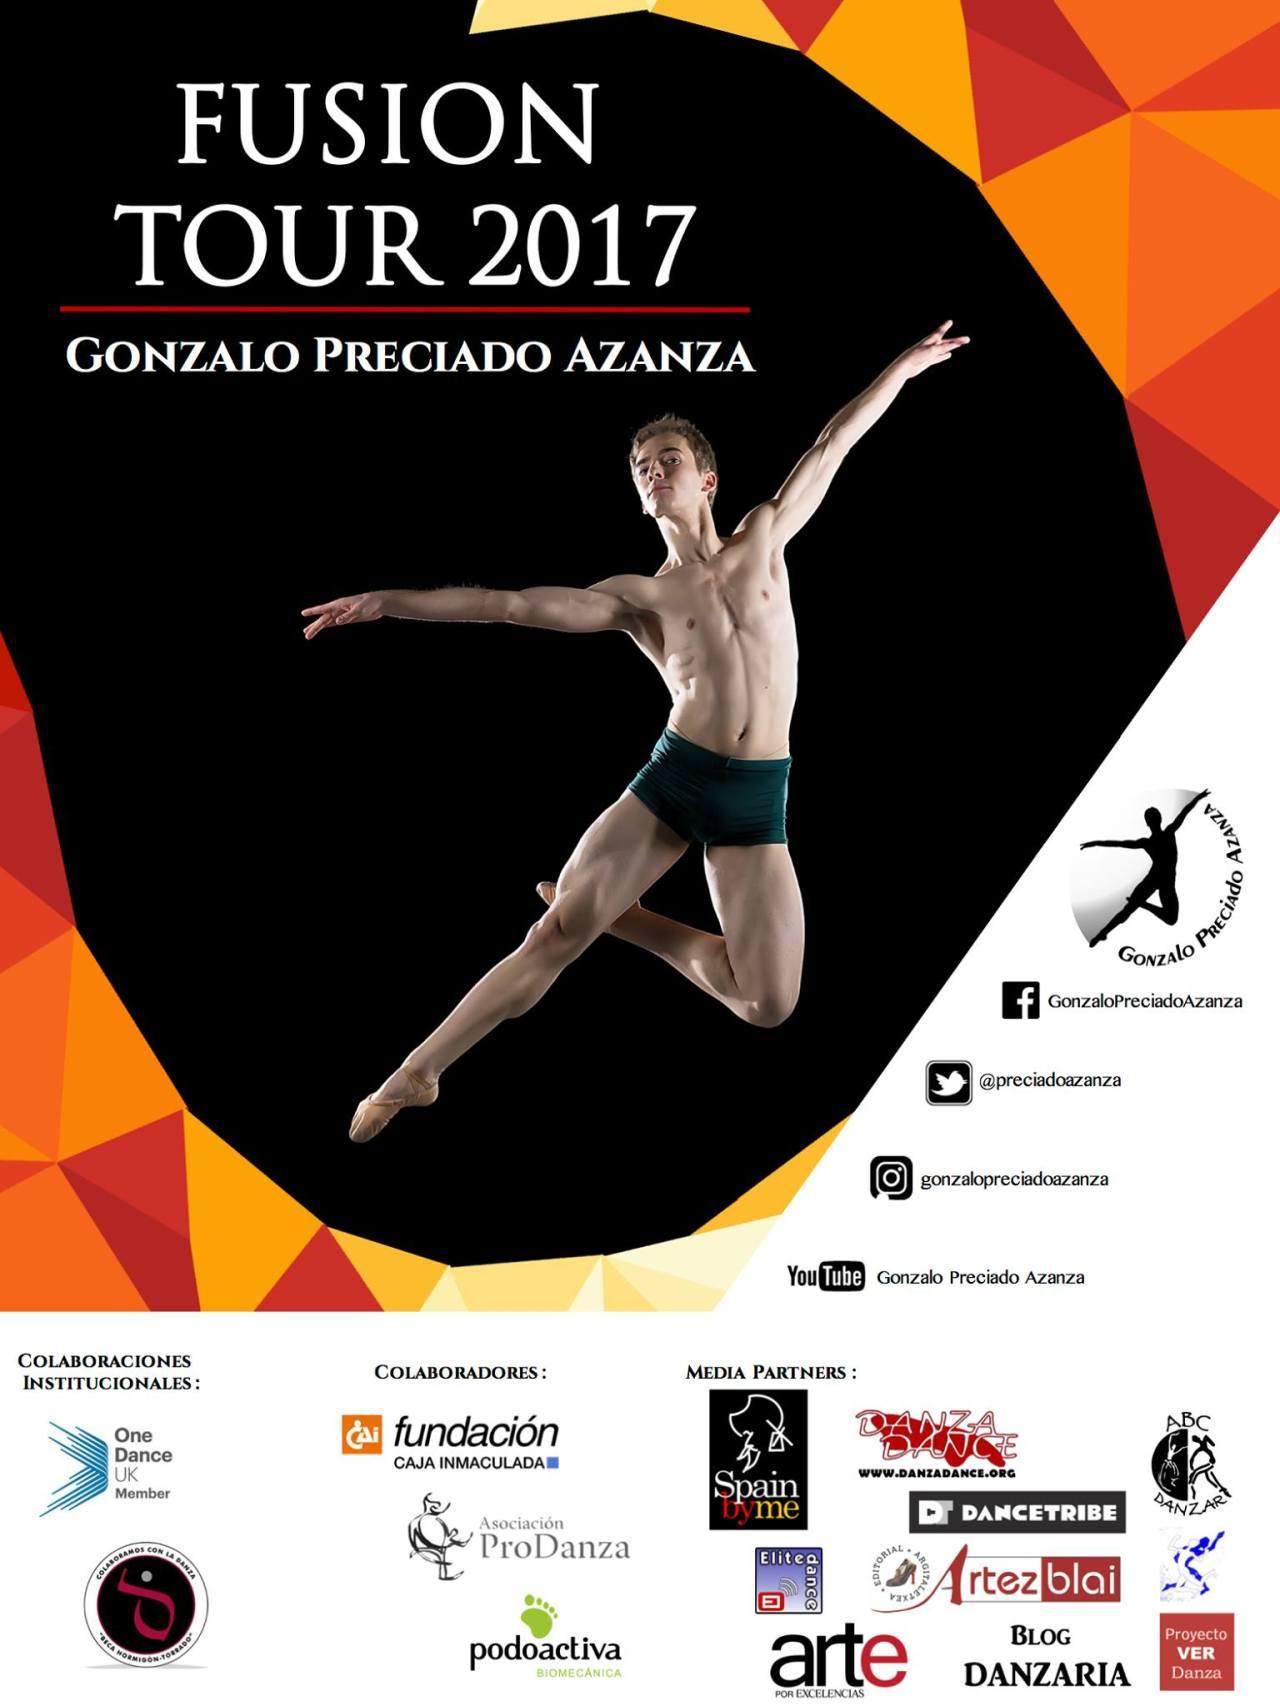 Gonzalo Preciado Azanza FUSION TOUR 2017 cartel